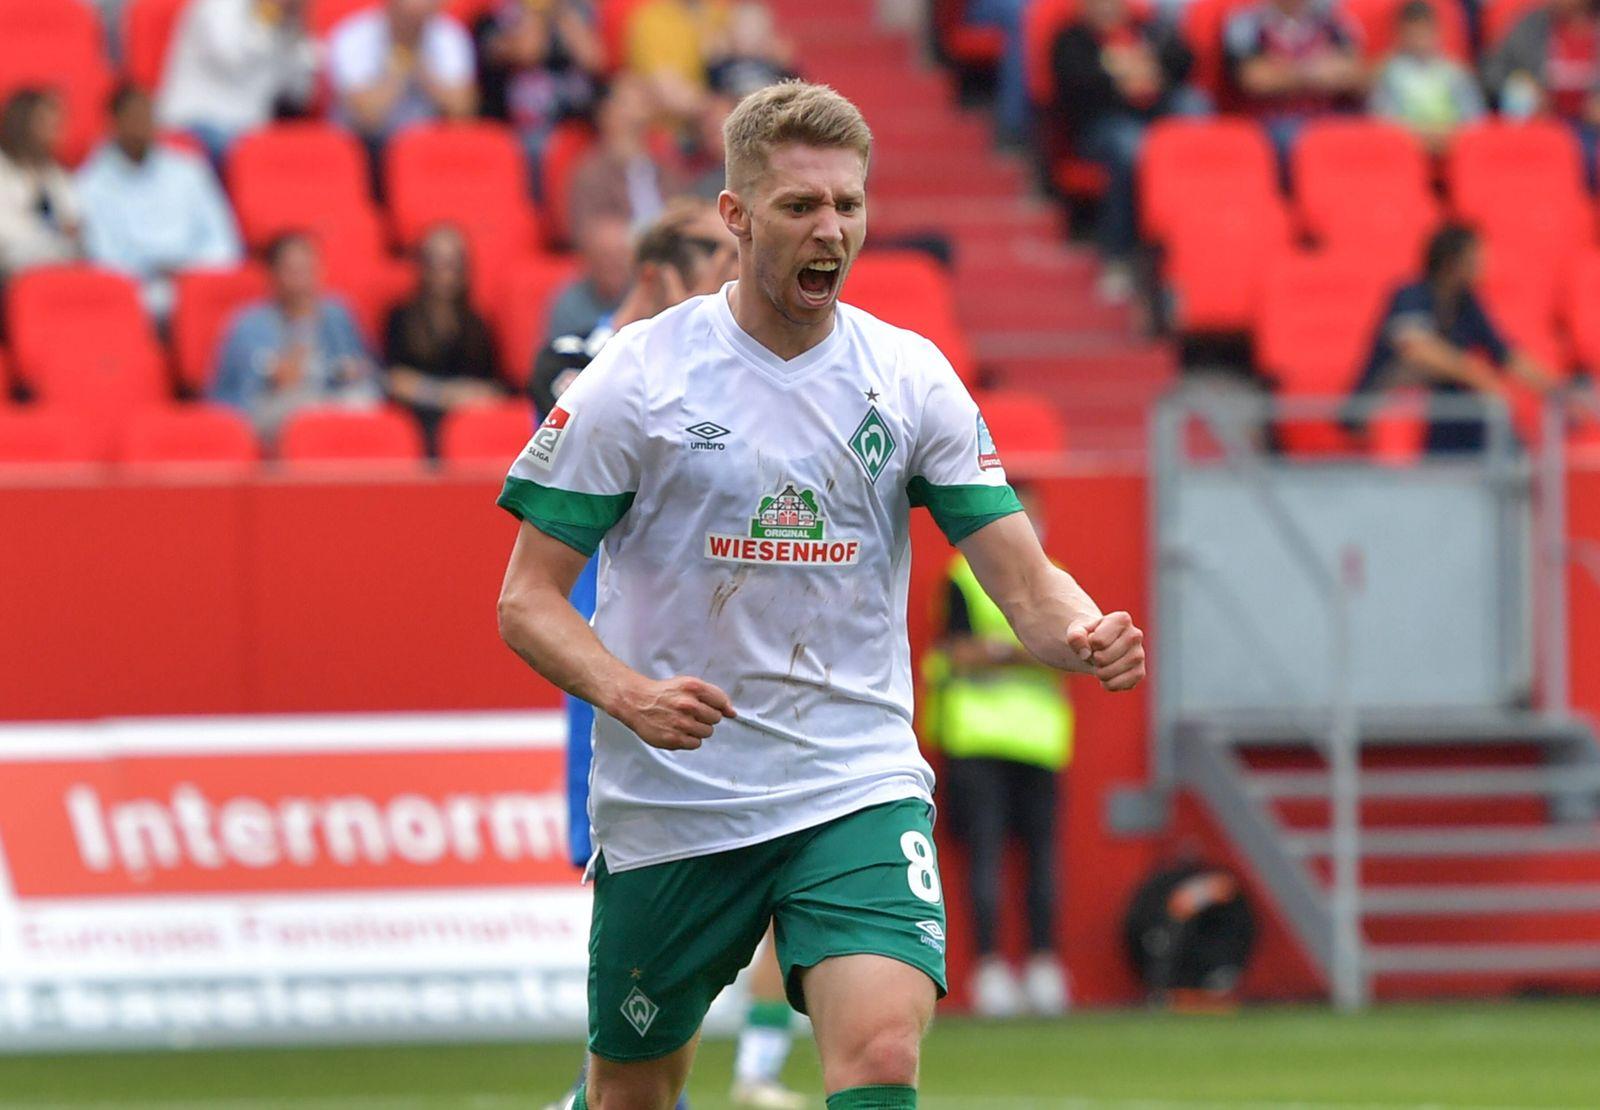 11.09.2021, xblx, Fussball 2.Bundesliga, FC Ingolstadt - SV Werder Bremen emspor, v.l. Mitchell Weiser (SV Werder Breme